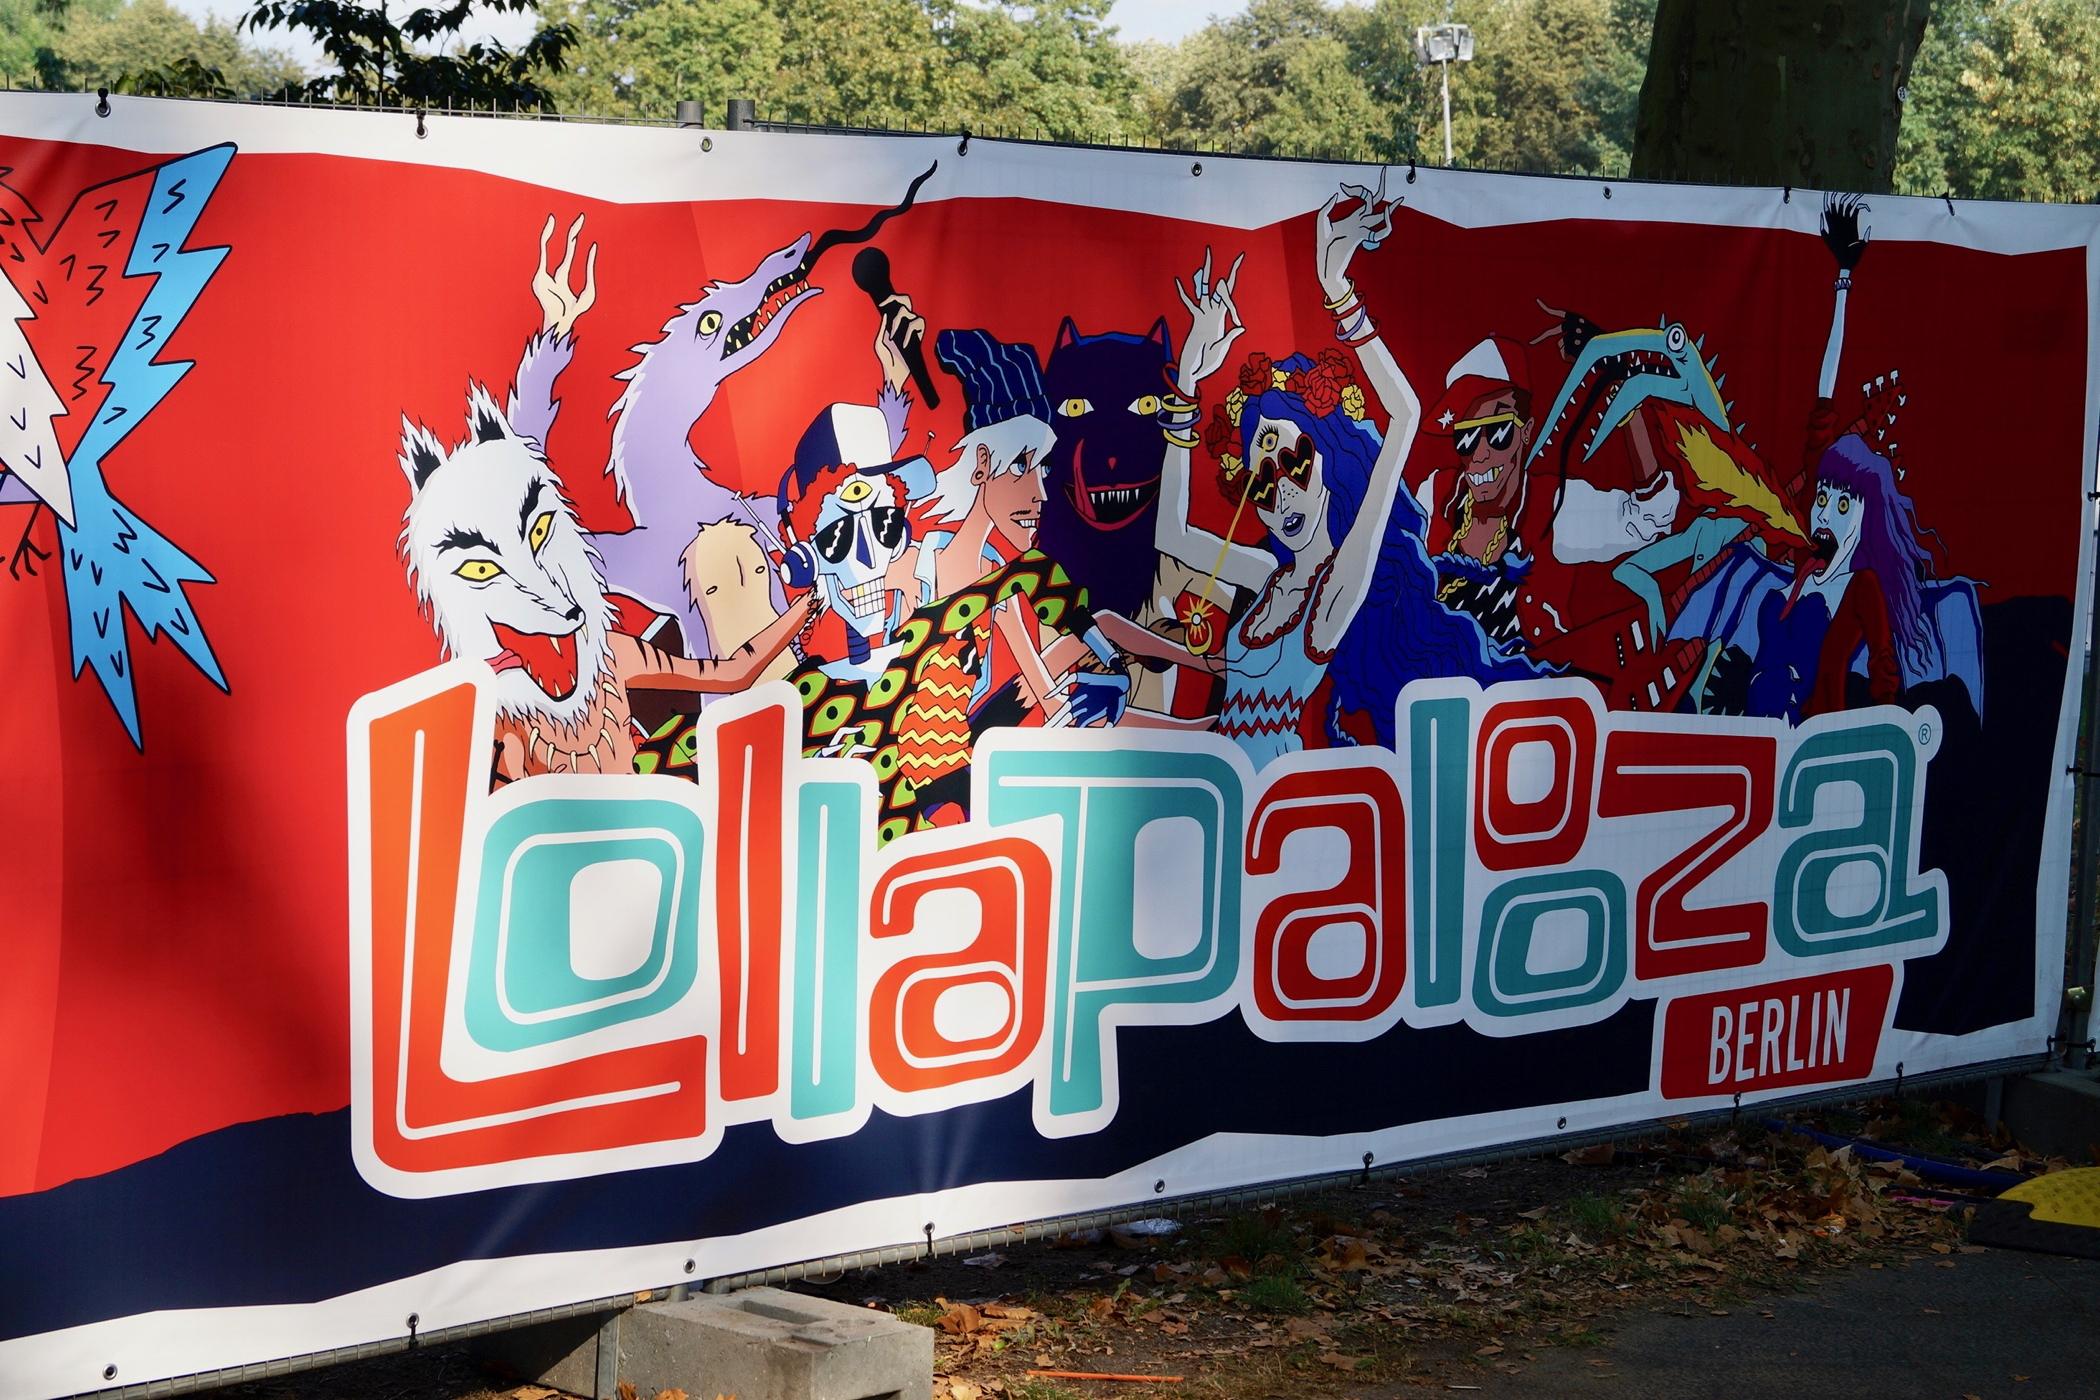 Werbung für das Lollapalooza Berlin